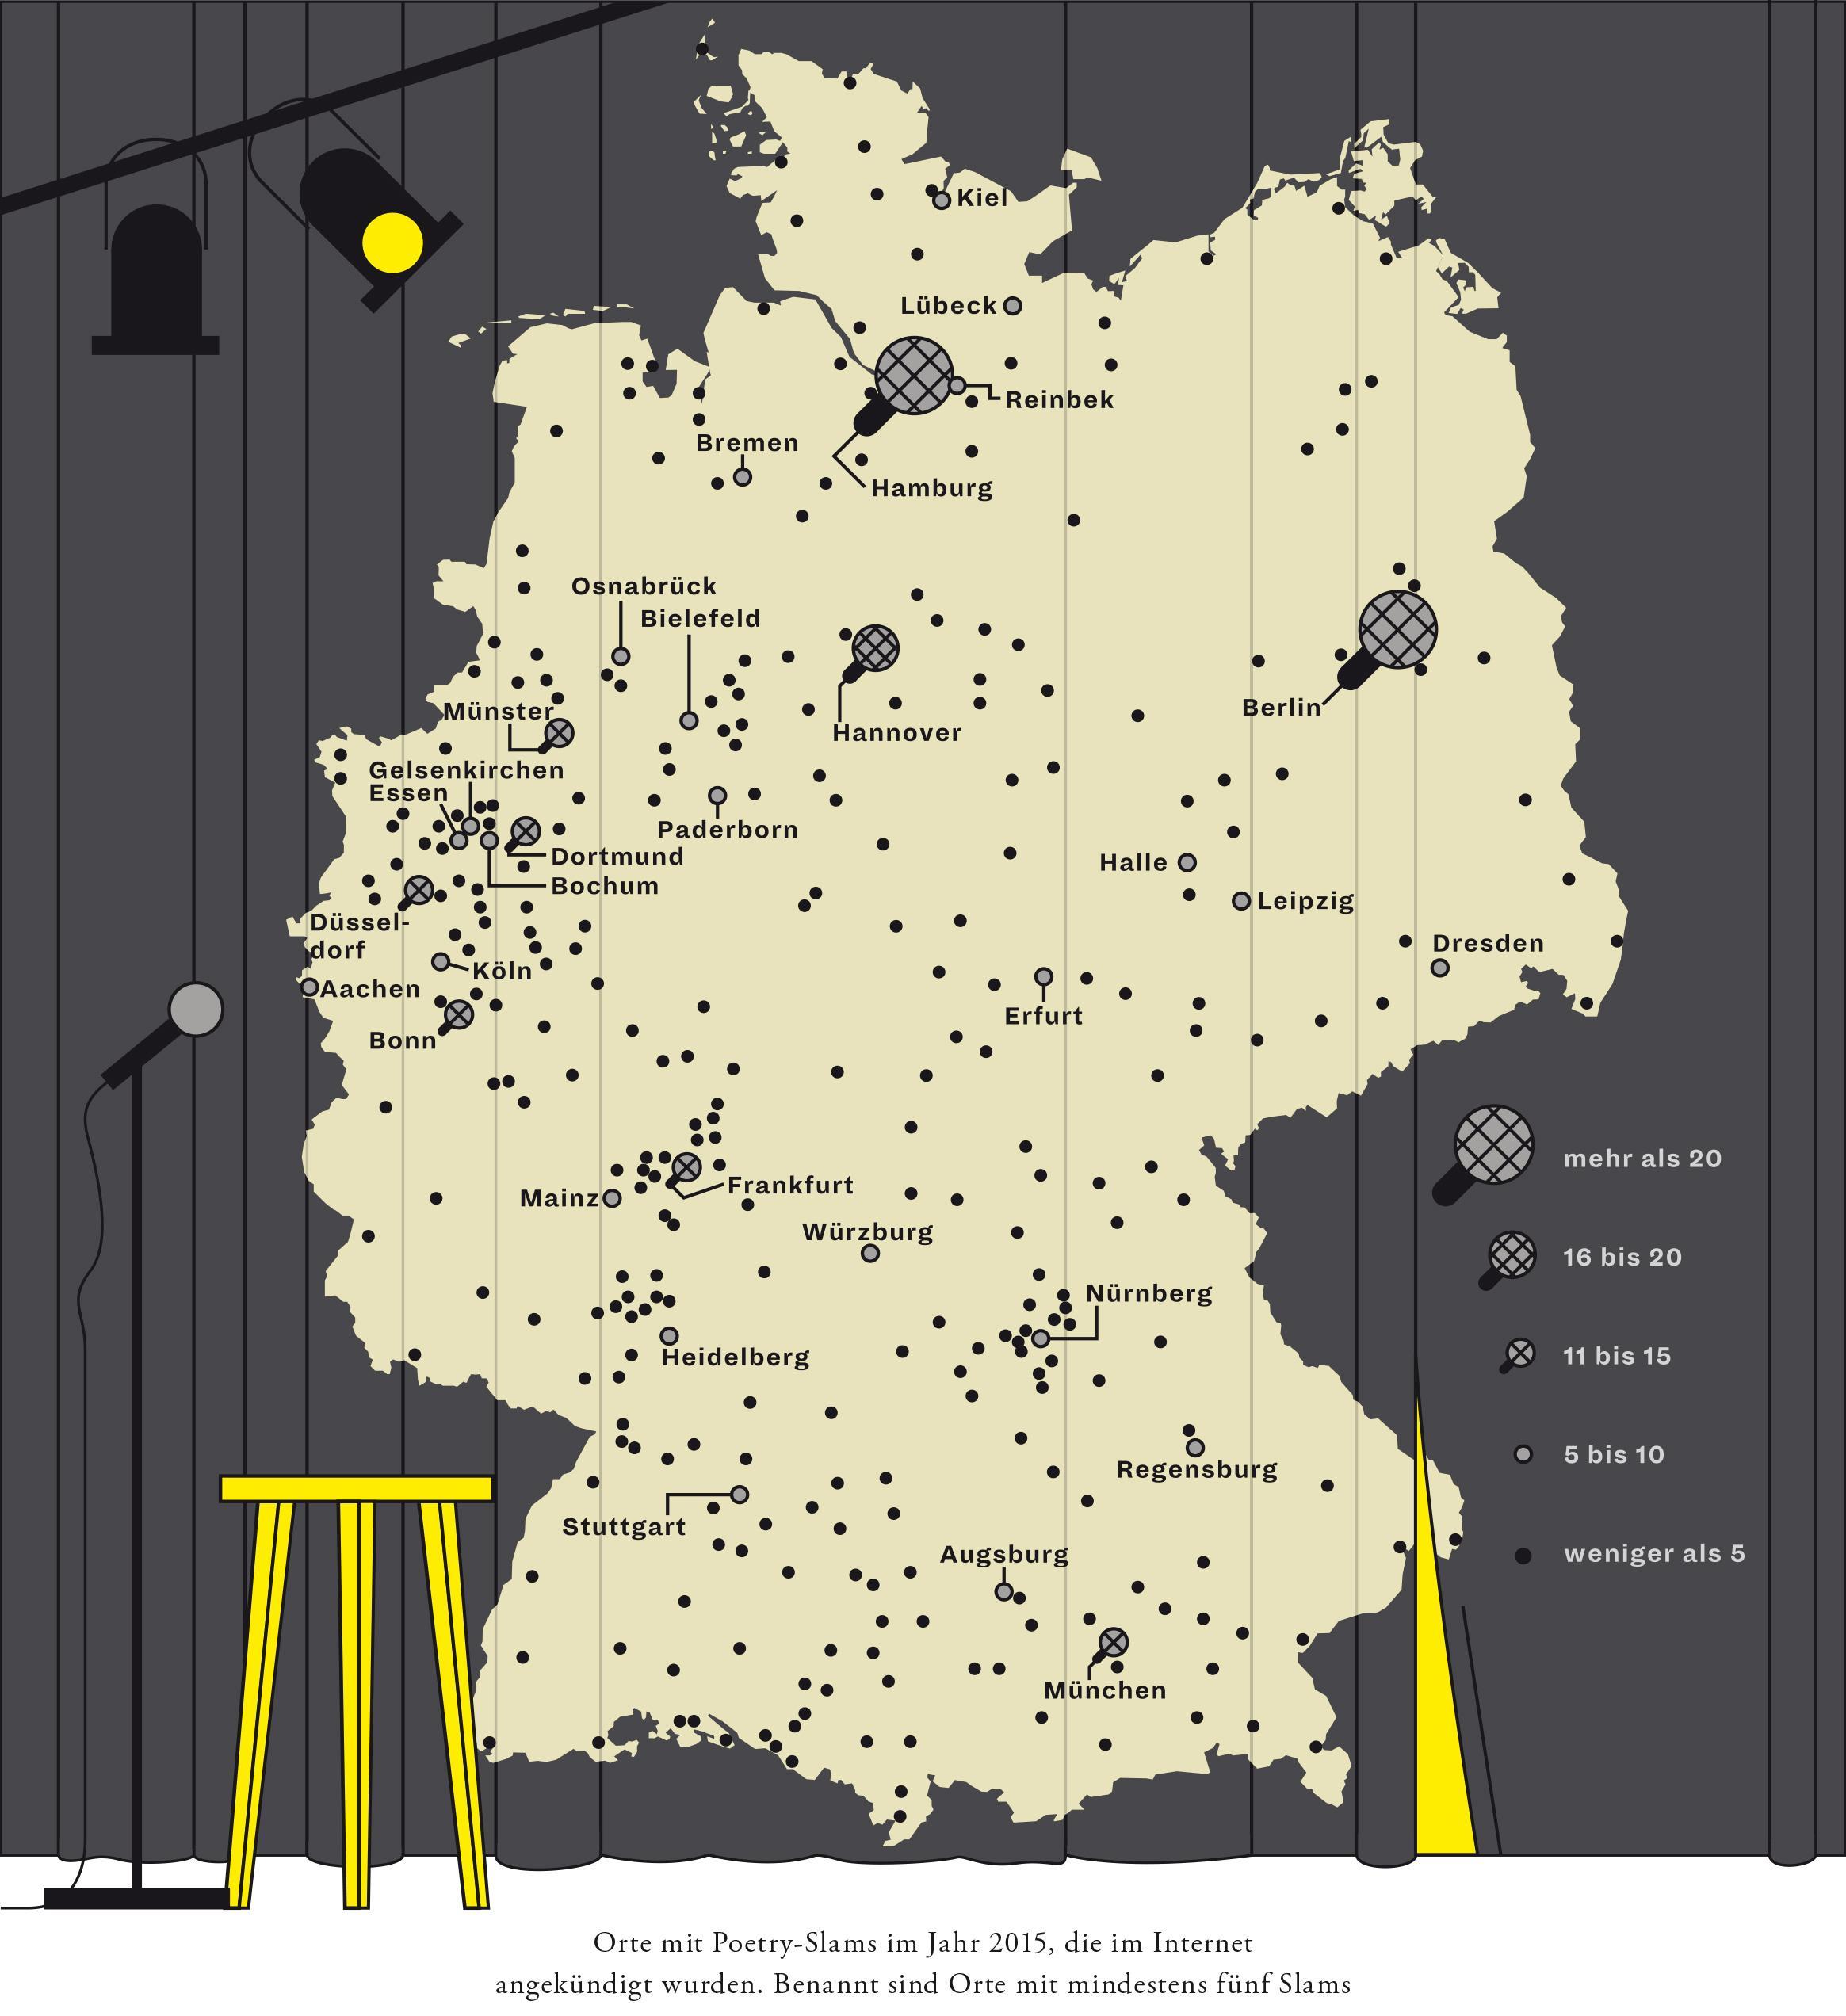 Zeit Magazin, Deutschlandkarte, Poetry Slam, Bühne Kunst, Poesie, Student